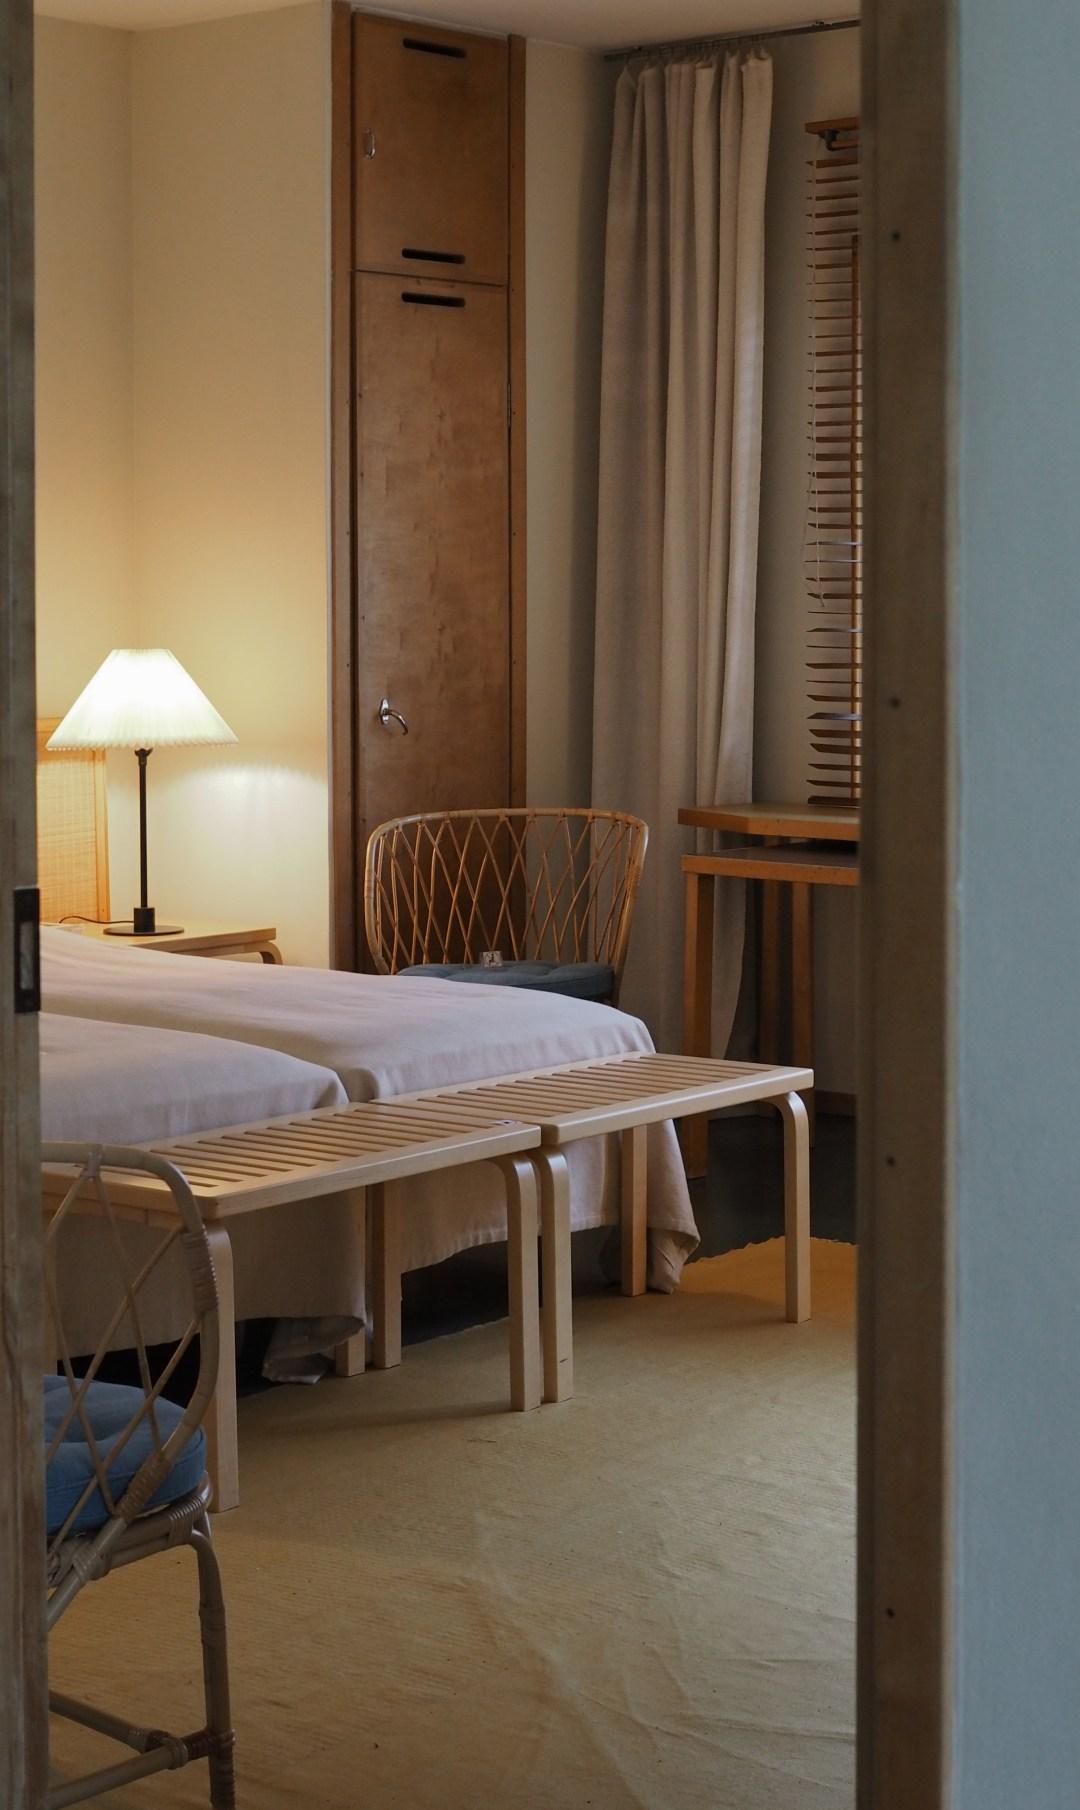 Alvar Aalto's bedroom